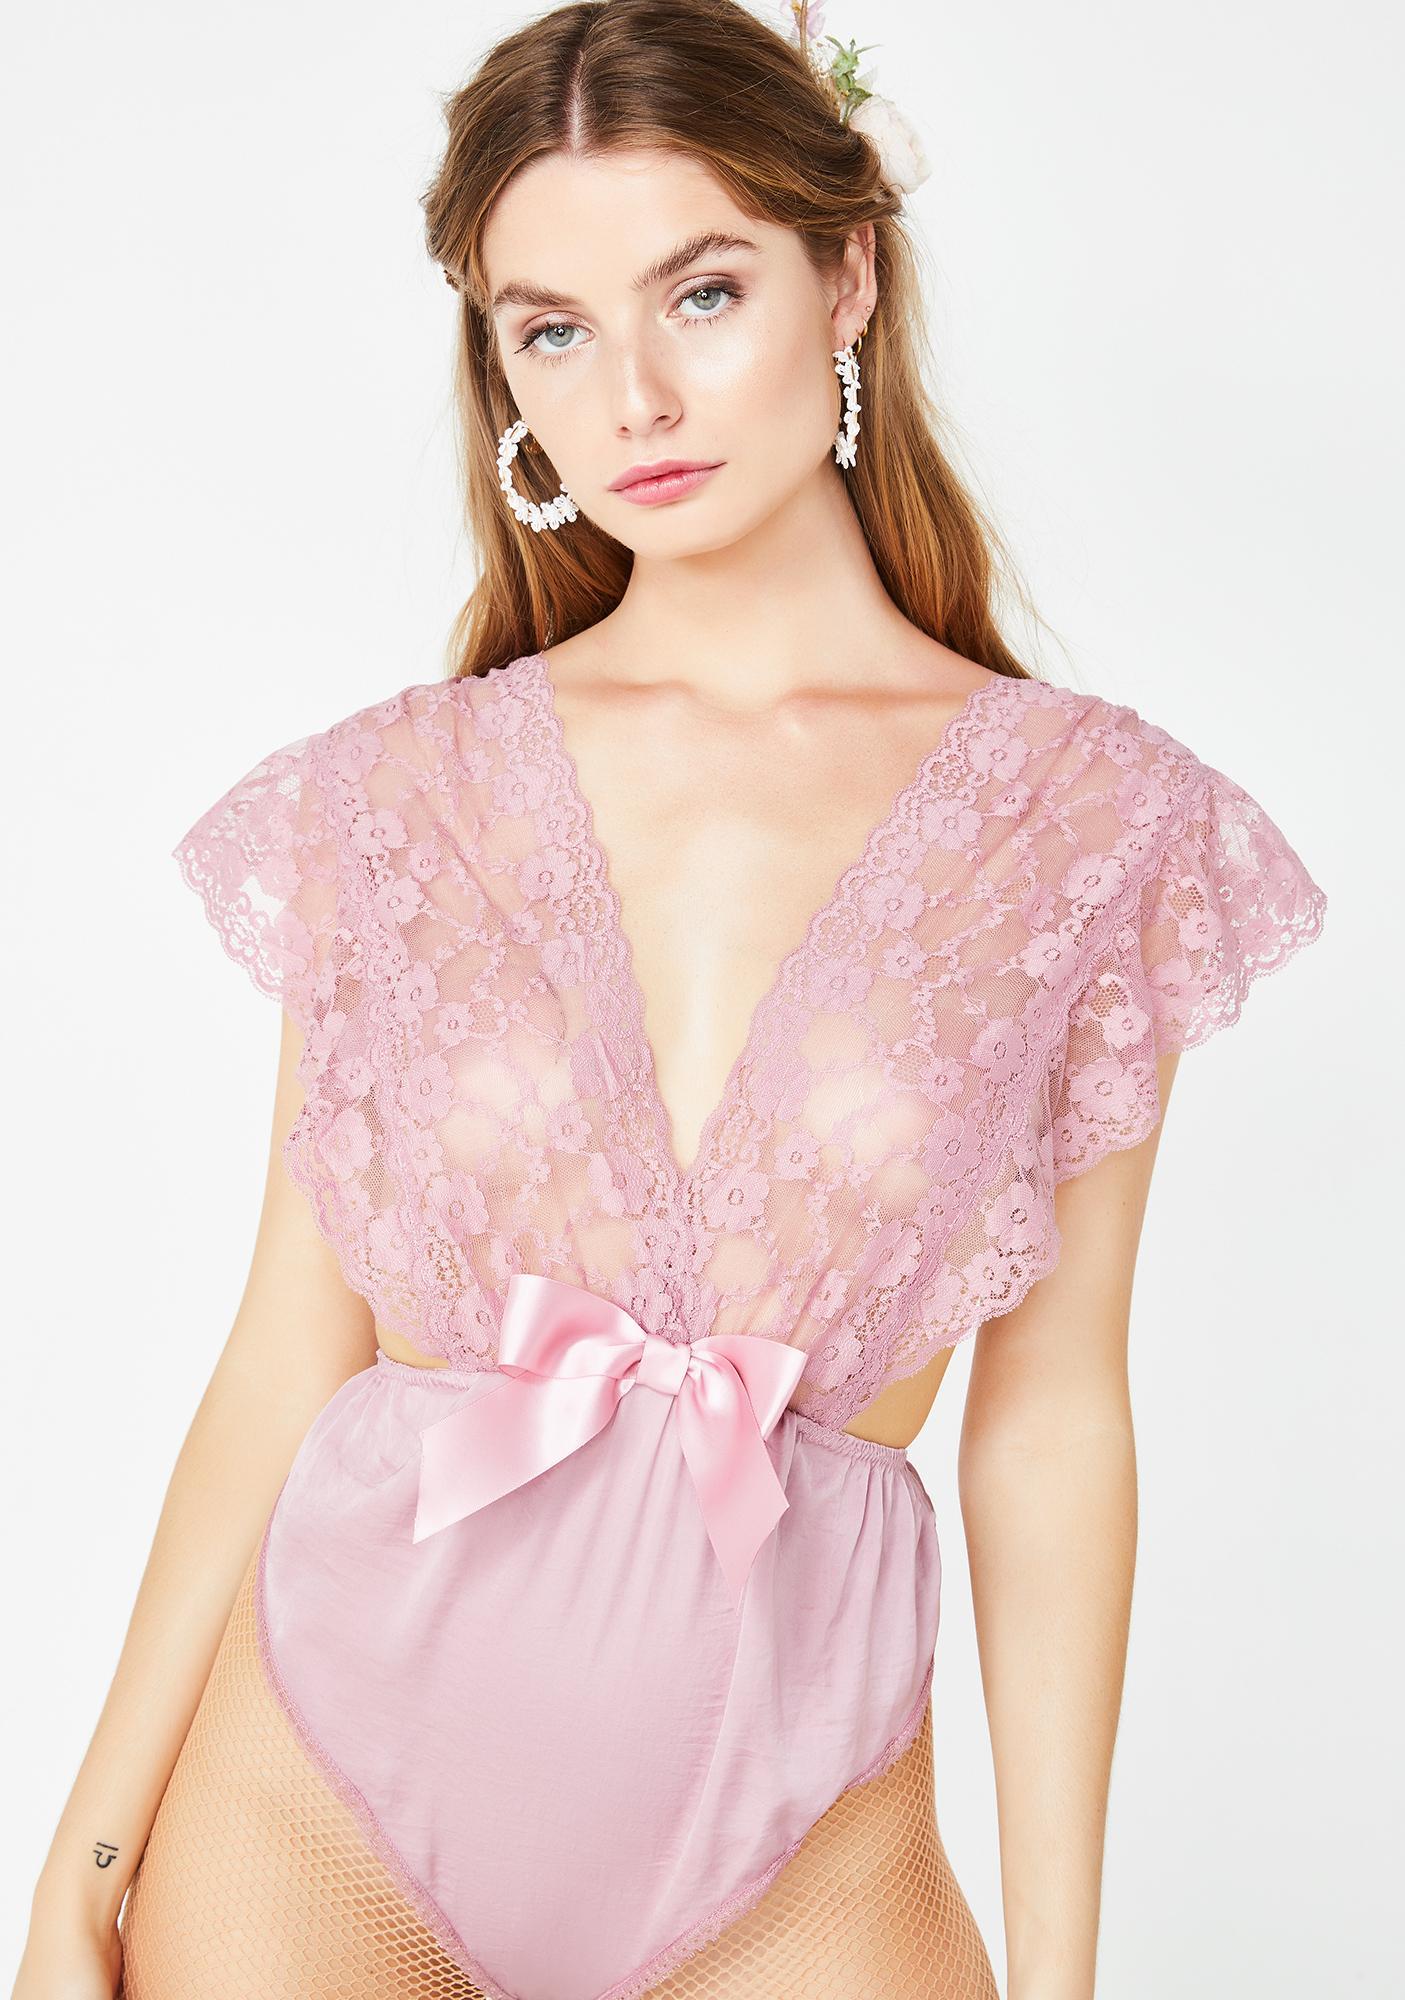 Sugar Thrillz Love's Ecstasy Lace Bodysuit